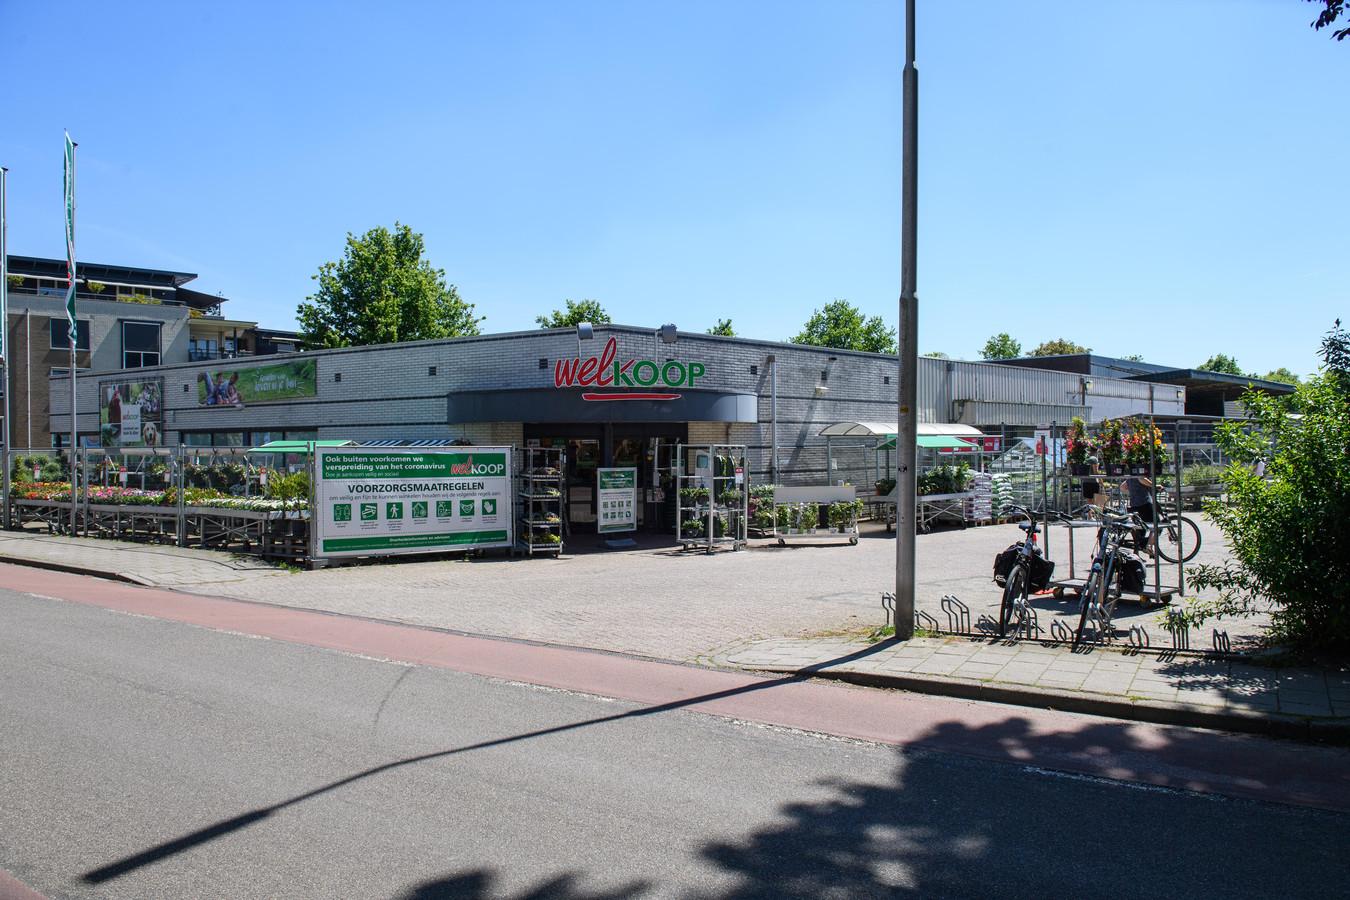 De Welkoop vertrekt van de huidige locatie aan de Beltrumseweg in Eibergen. Hier komen appartementen en dagbesteding voor mensen met een verstandelijke beperking.